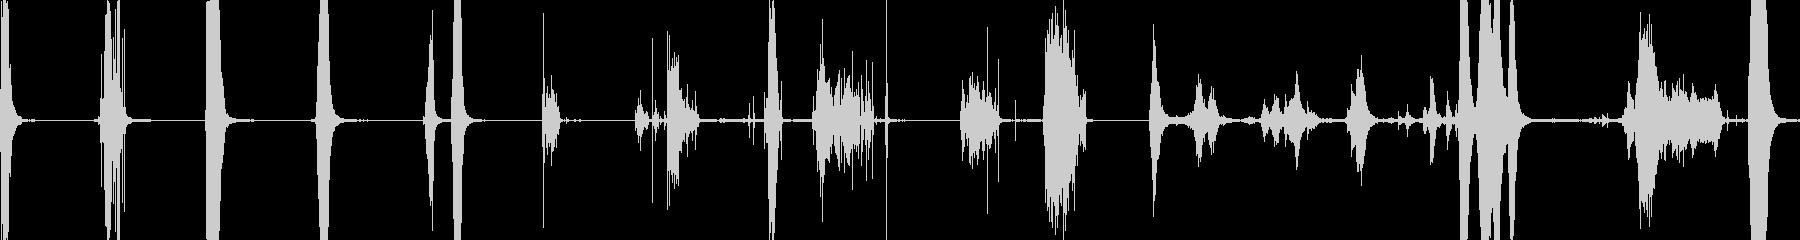 ハードサーフェス、ショート、8テイ...の未再生の波形